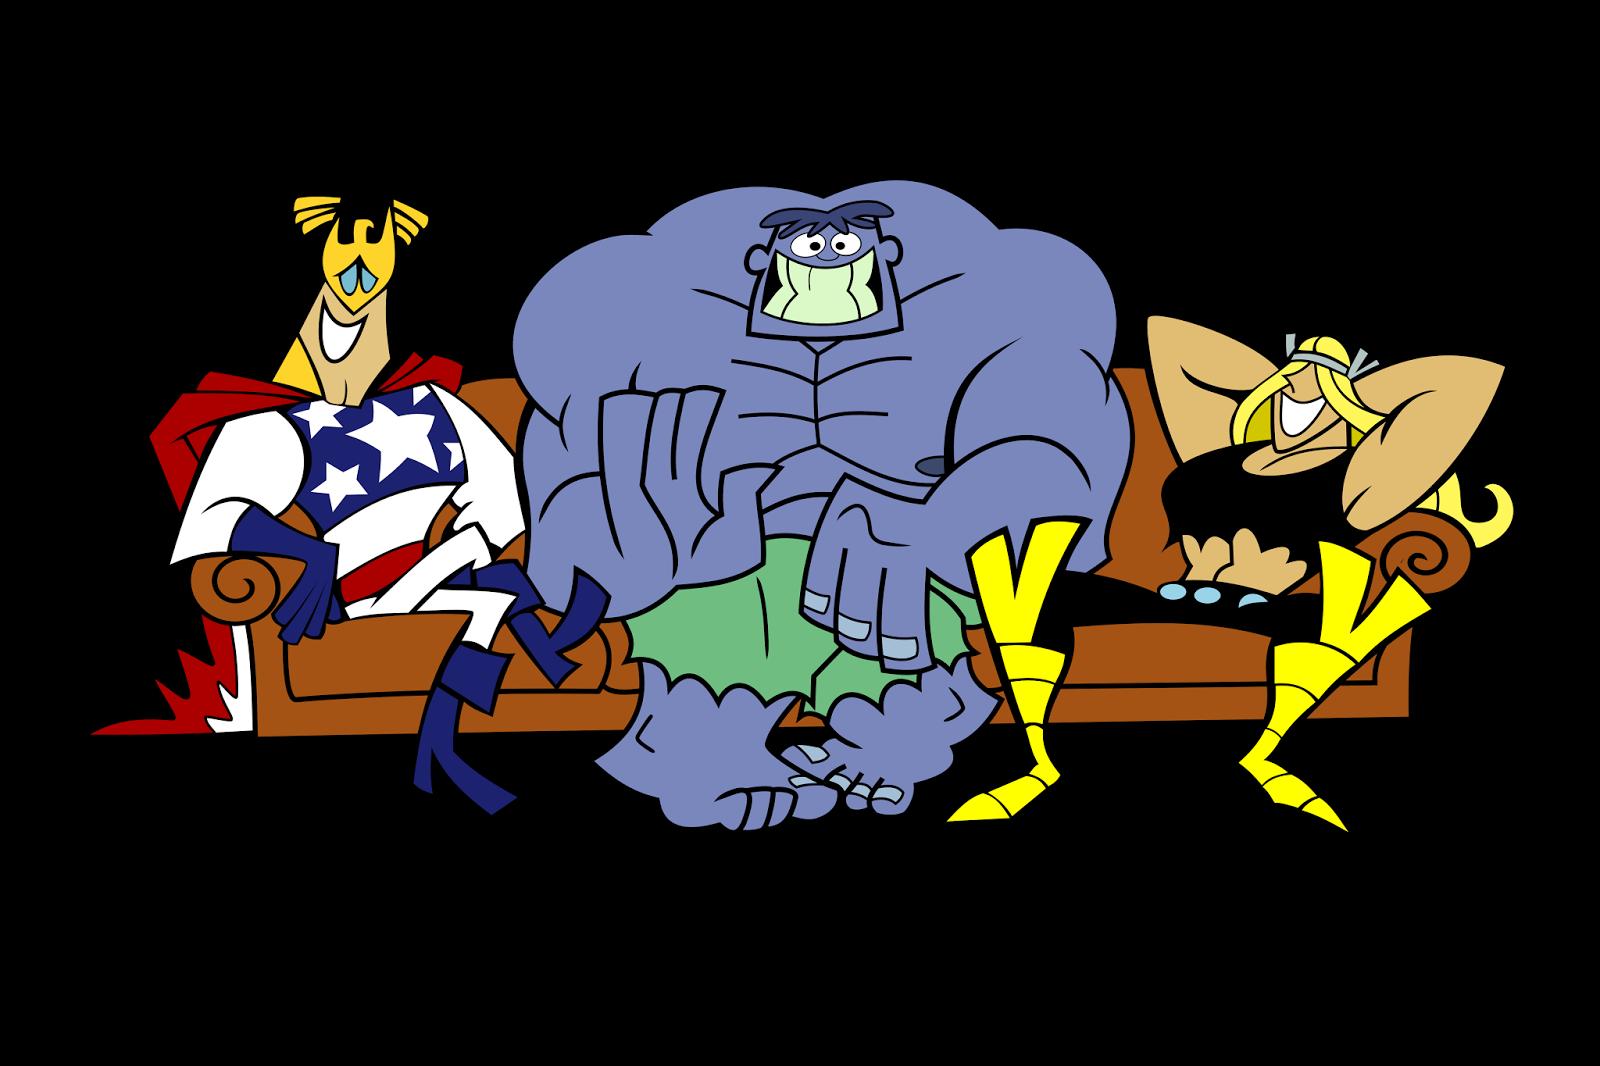 Couch clipart friend. Dexters lab matlabcambodia com